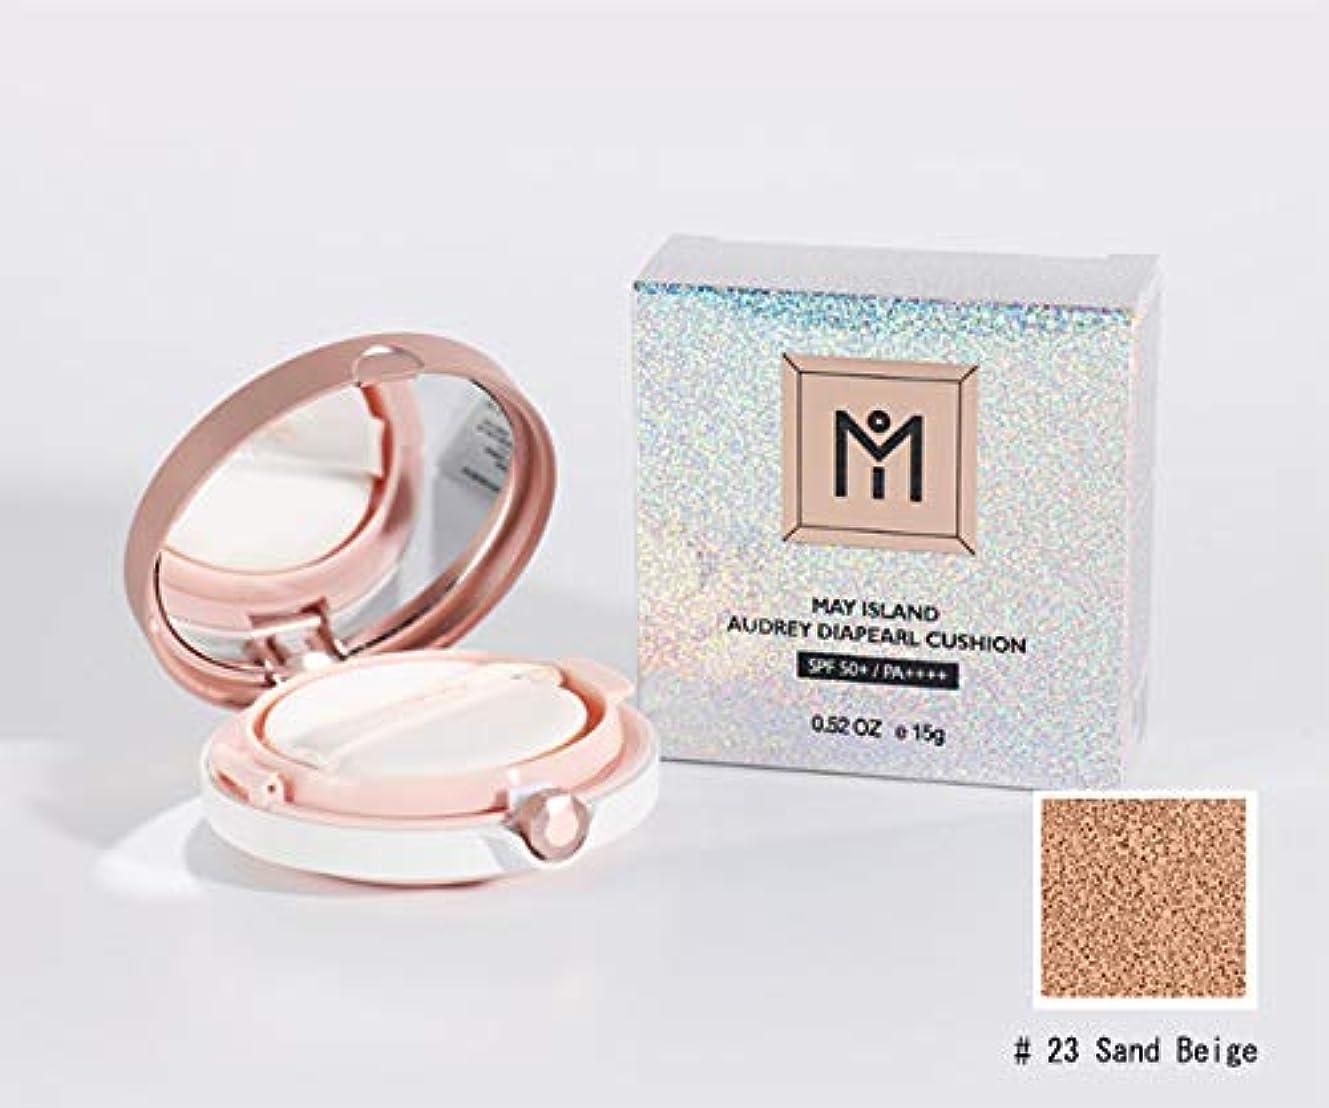 崇拝します歪める司法[MAY ISLAND] AUDREY DIAPEARL CUSHION[#23.Sand Beige] ダイヤモンドパールクッション SPF50+/ PA++++[美白、シワの改善、紫外線遮断3の機能性化粧品]韓国の人気...